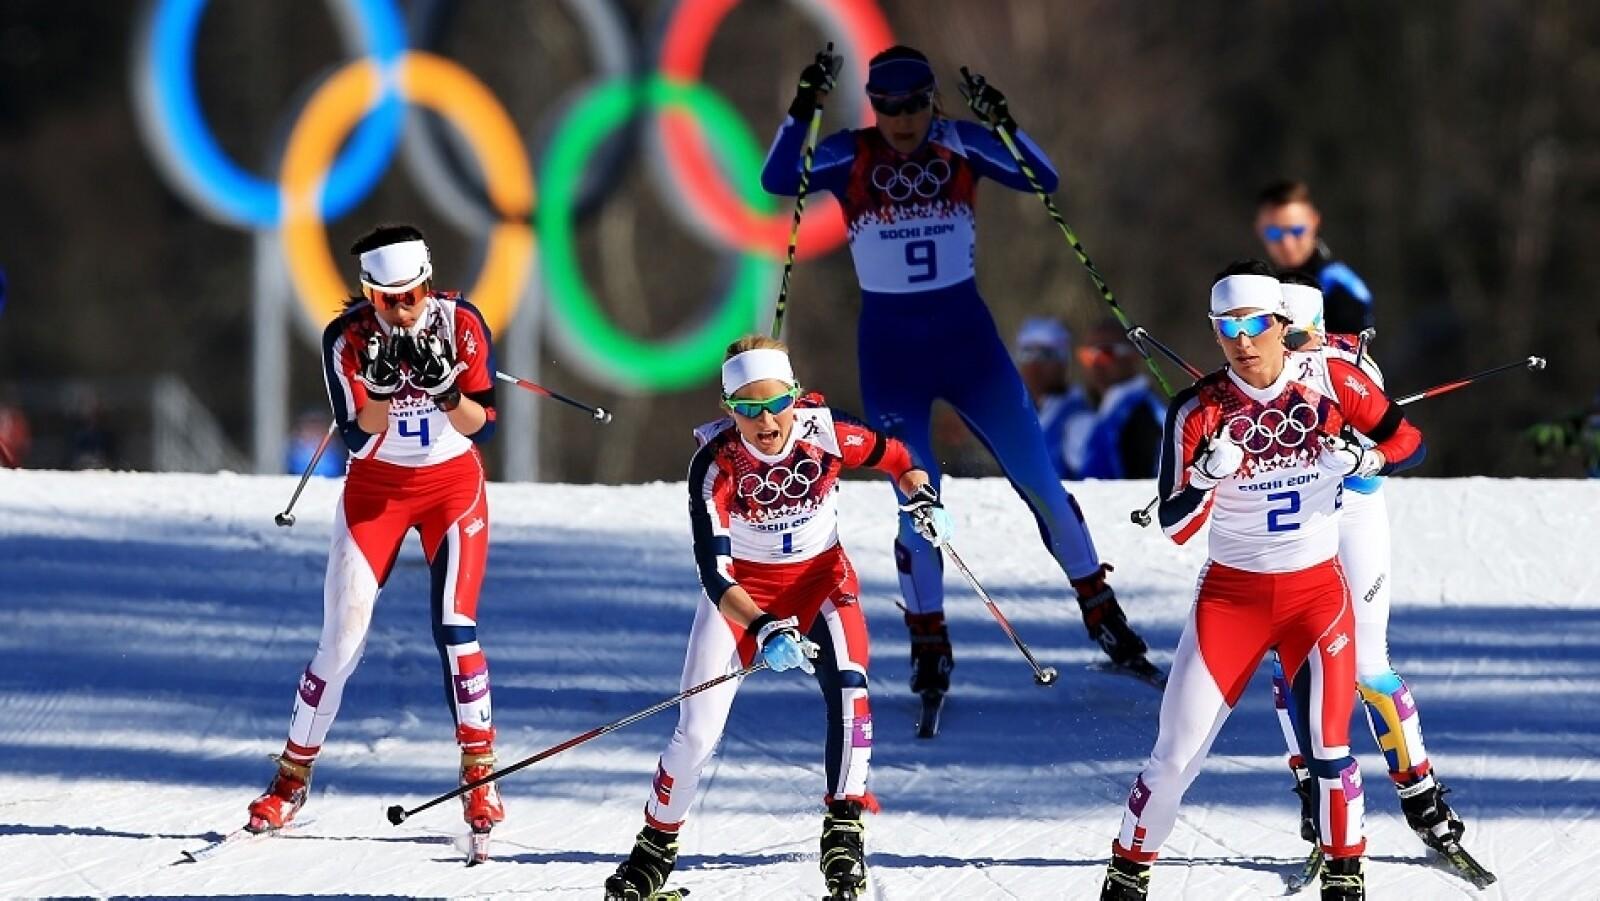 El equipo noruego de mujeres casi barre con el skiathon